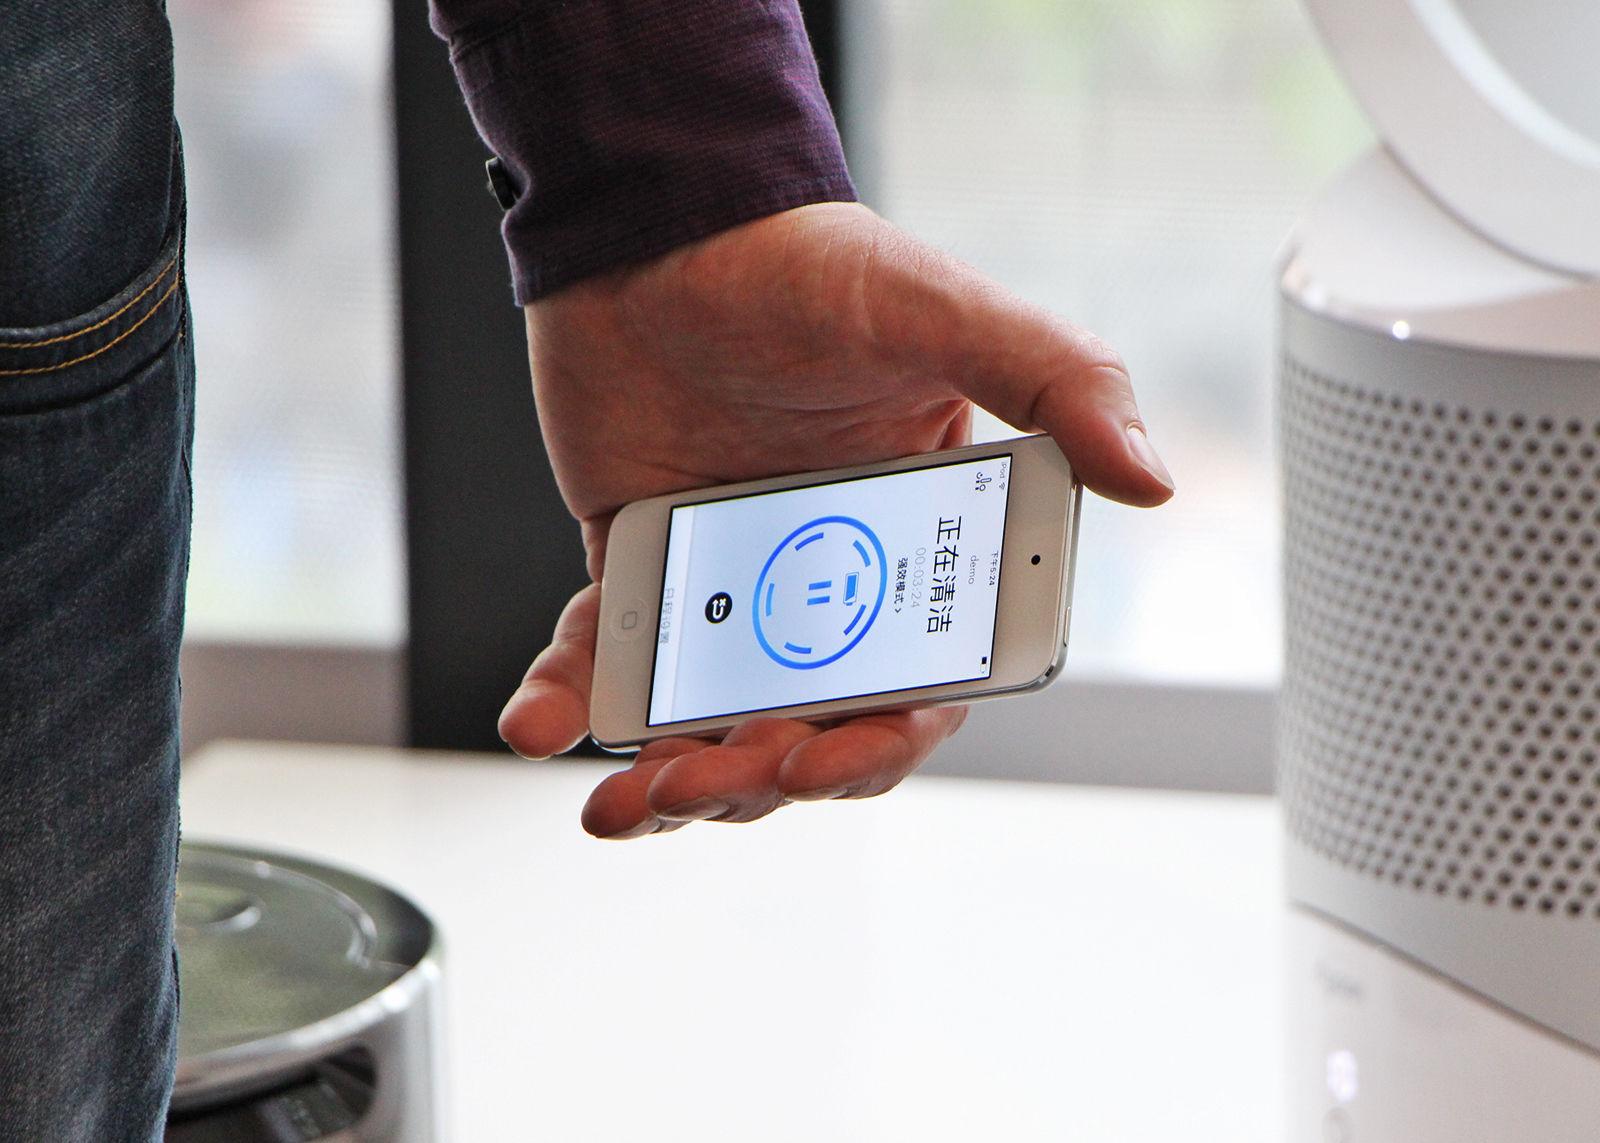 戴森 360 Eye 智能吸尘机器人体验 人工智能 第13张